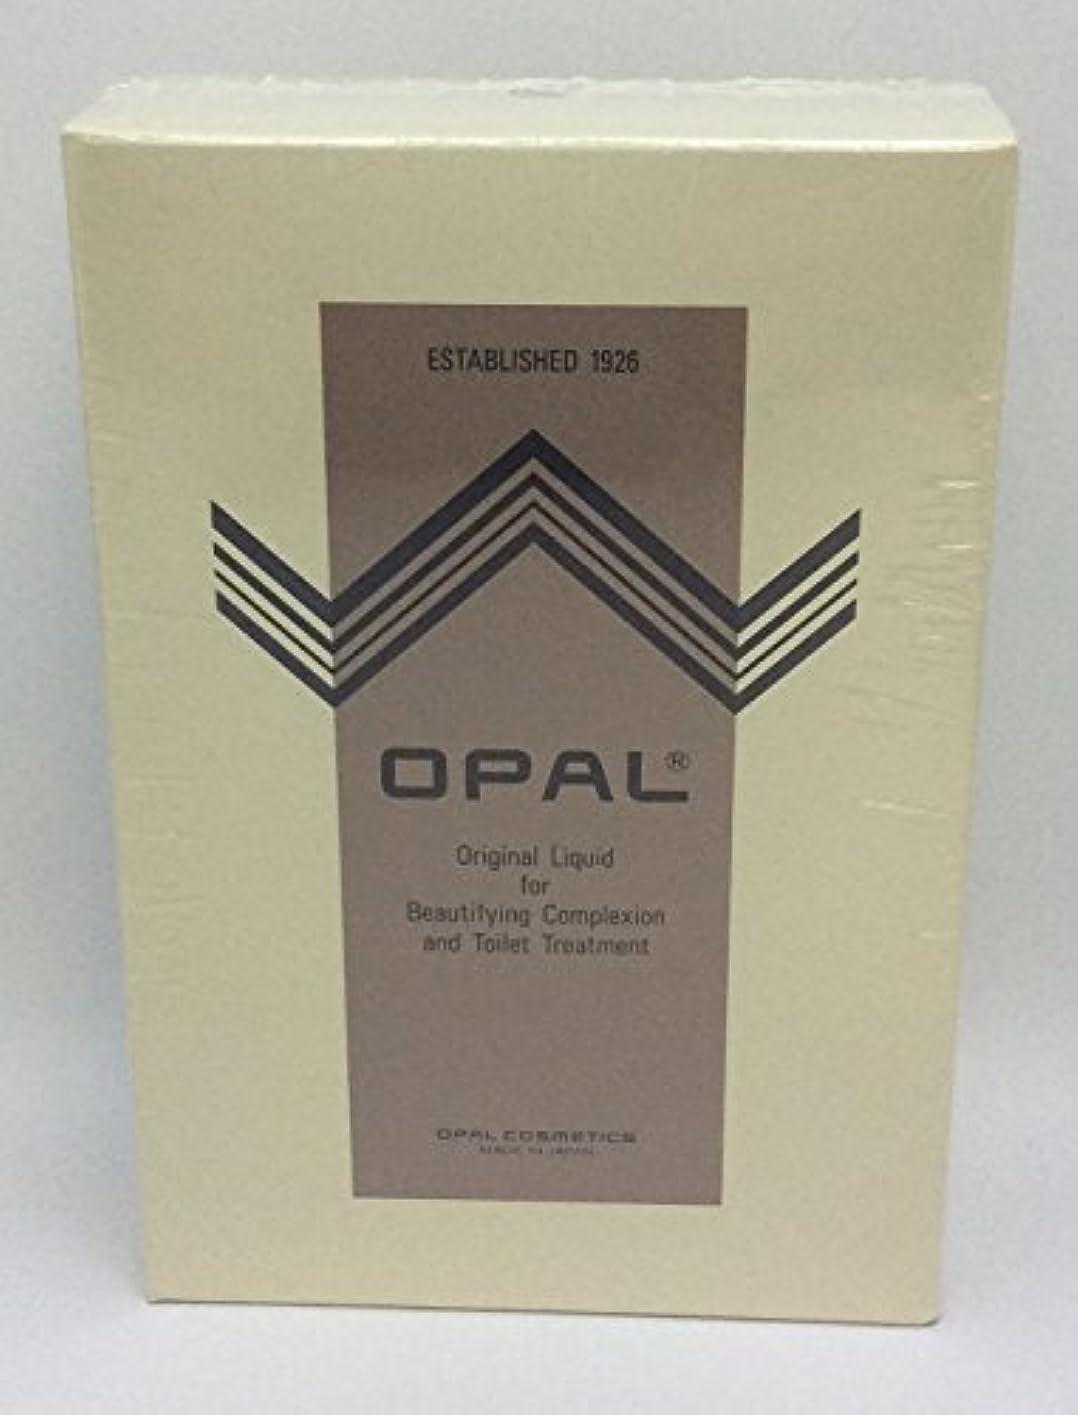 空中軽量示すオパール化粧品 美容原液 薬用オパール(普通肌?荒肌用化粧水) 医薬部外品 (250ml)